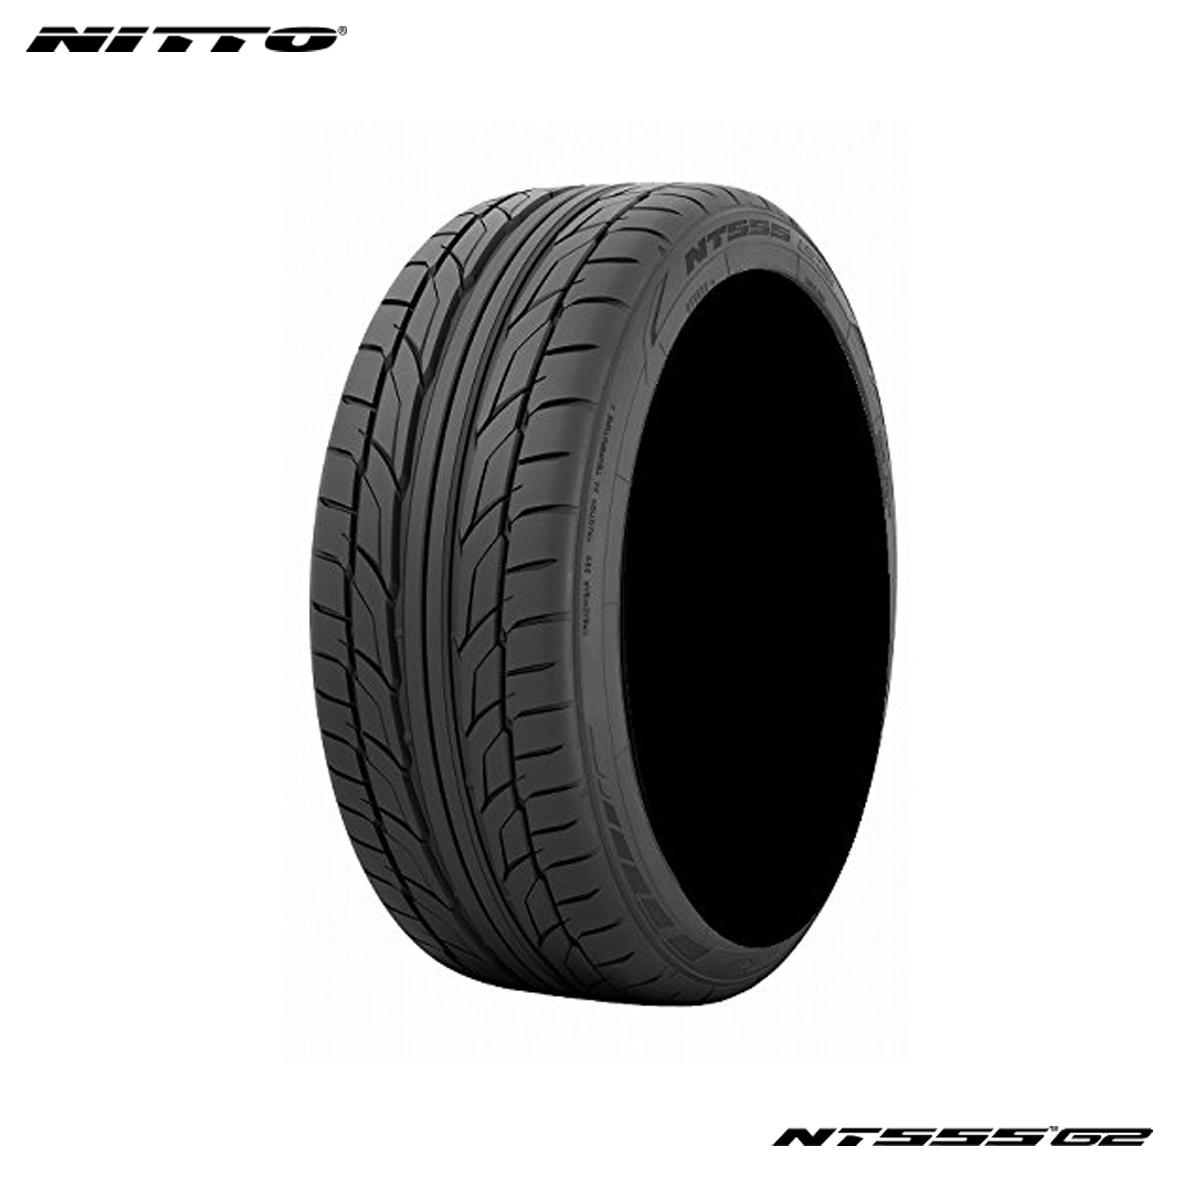 NITTO ニットー 国内メーカー サマータイヤ 1本 17インチ 245/45R17 NT555 G2